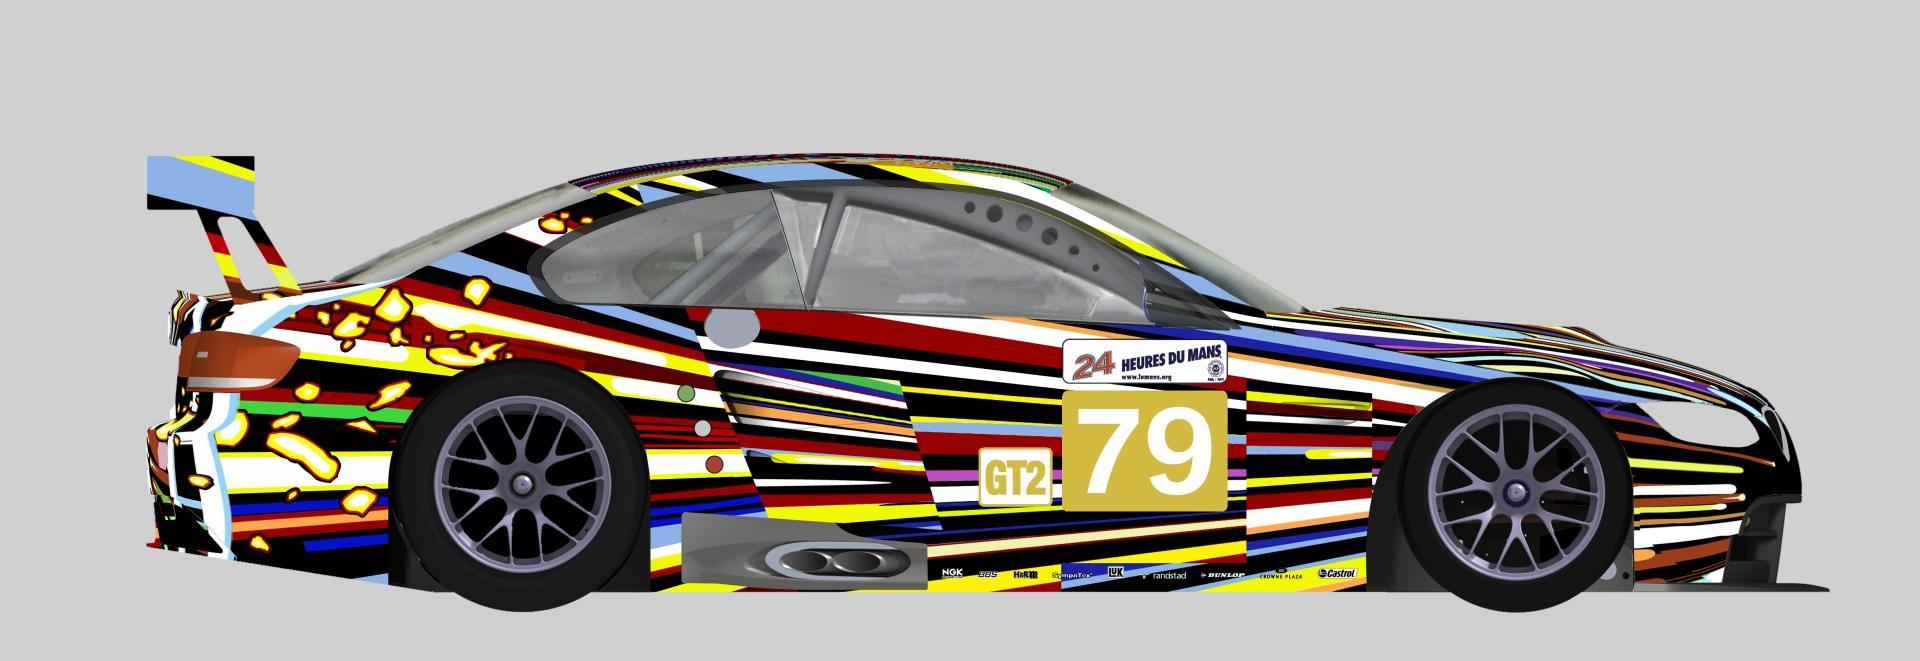 2010 Bmw M3 Gt2 Art Car News And Information Com